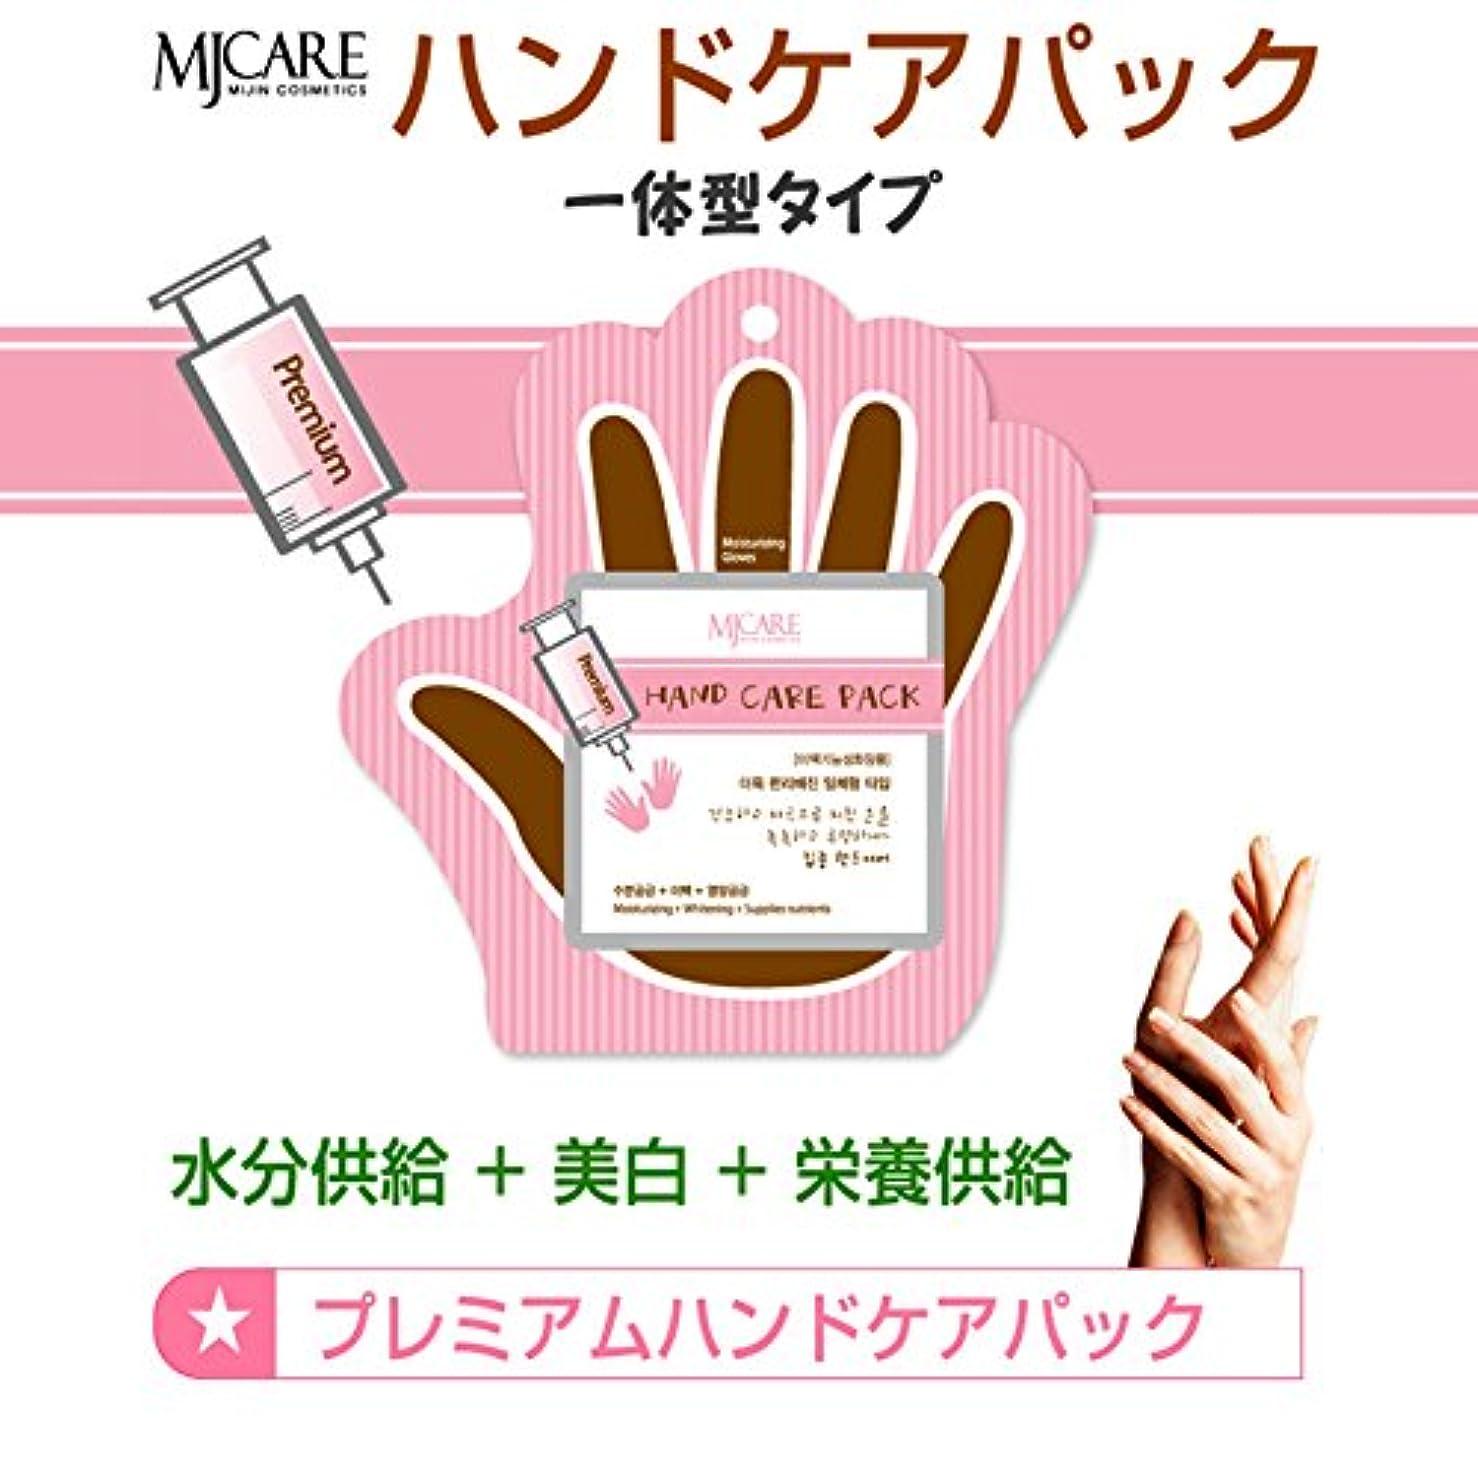 ハンドケア プレミアム ハンドケアパック MJCARE お得な【3セット?両手用】